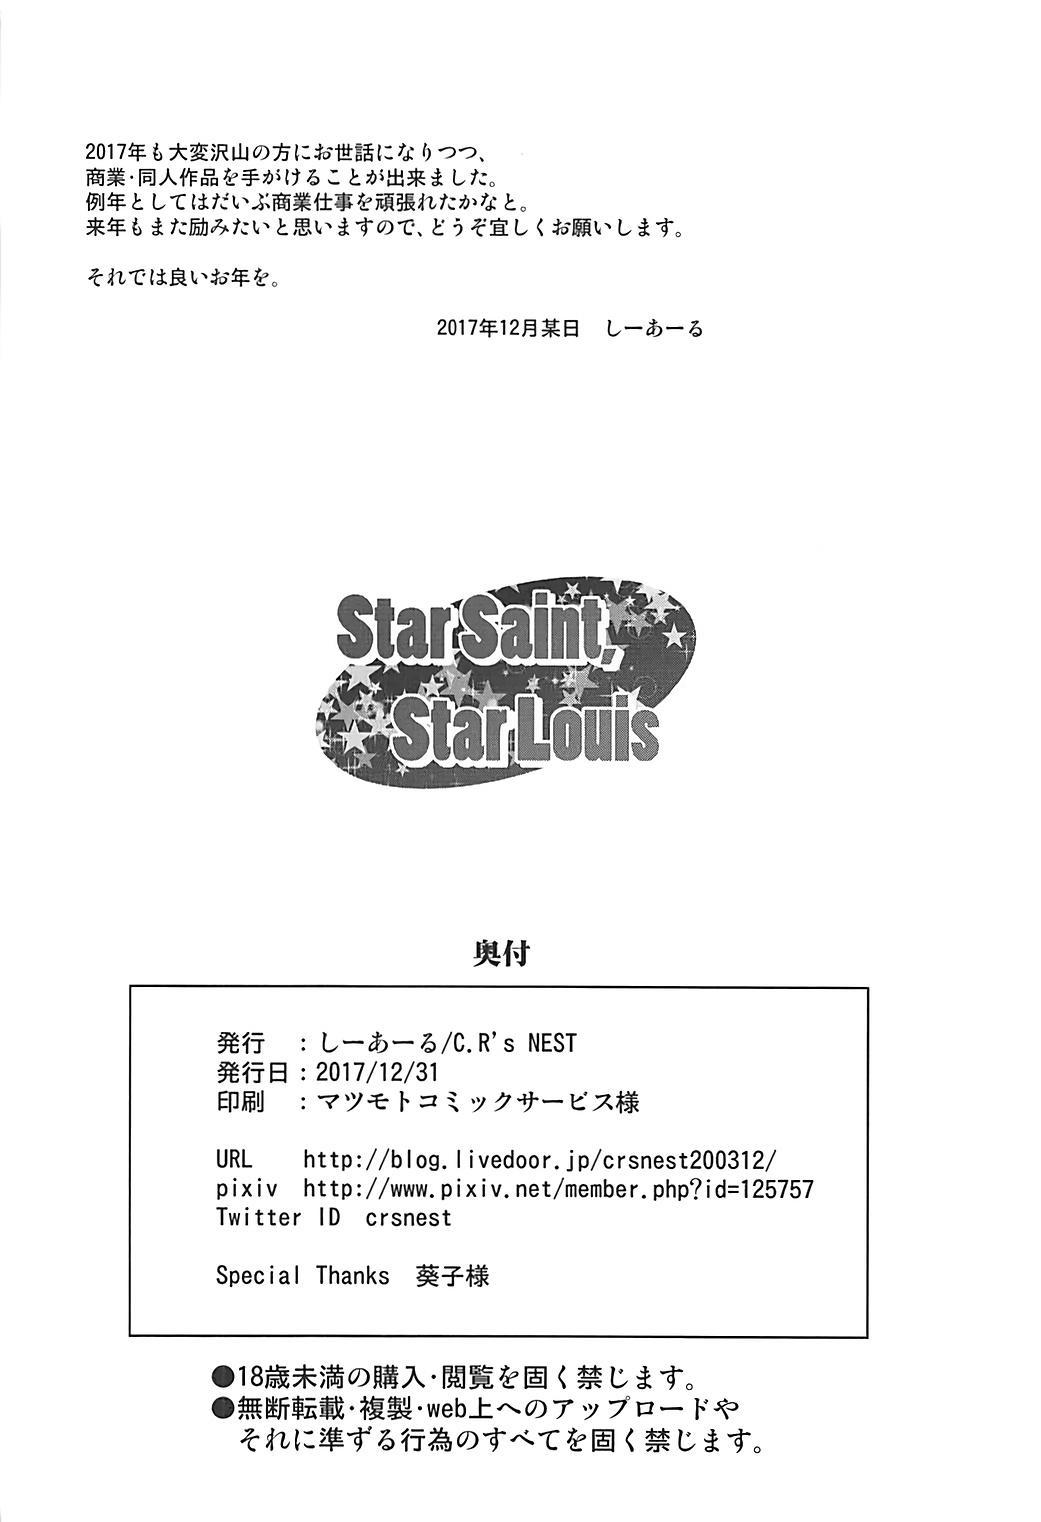 Star Saint, Star Louis 16